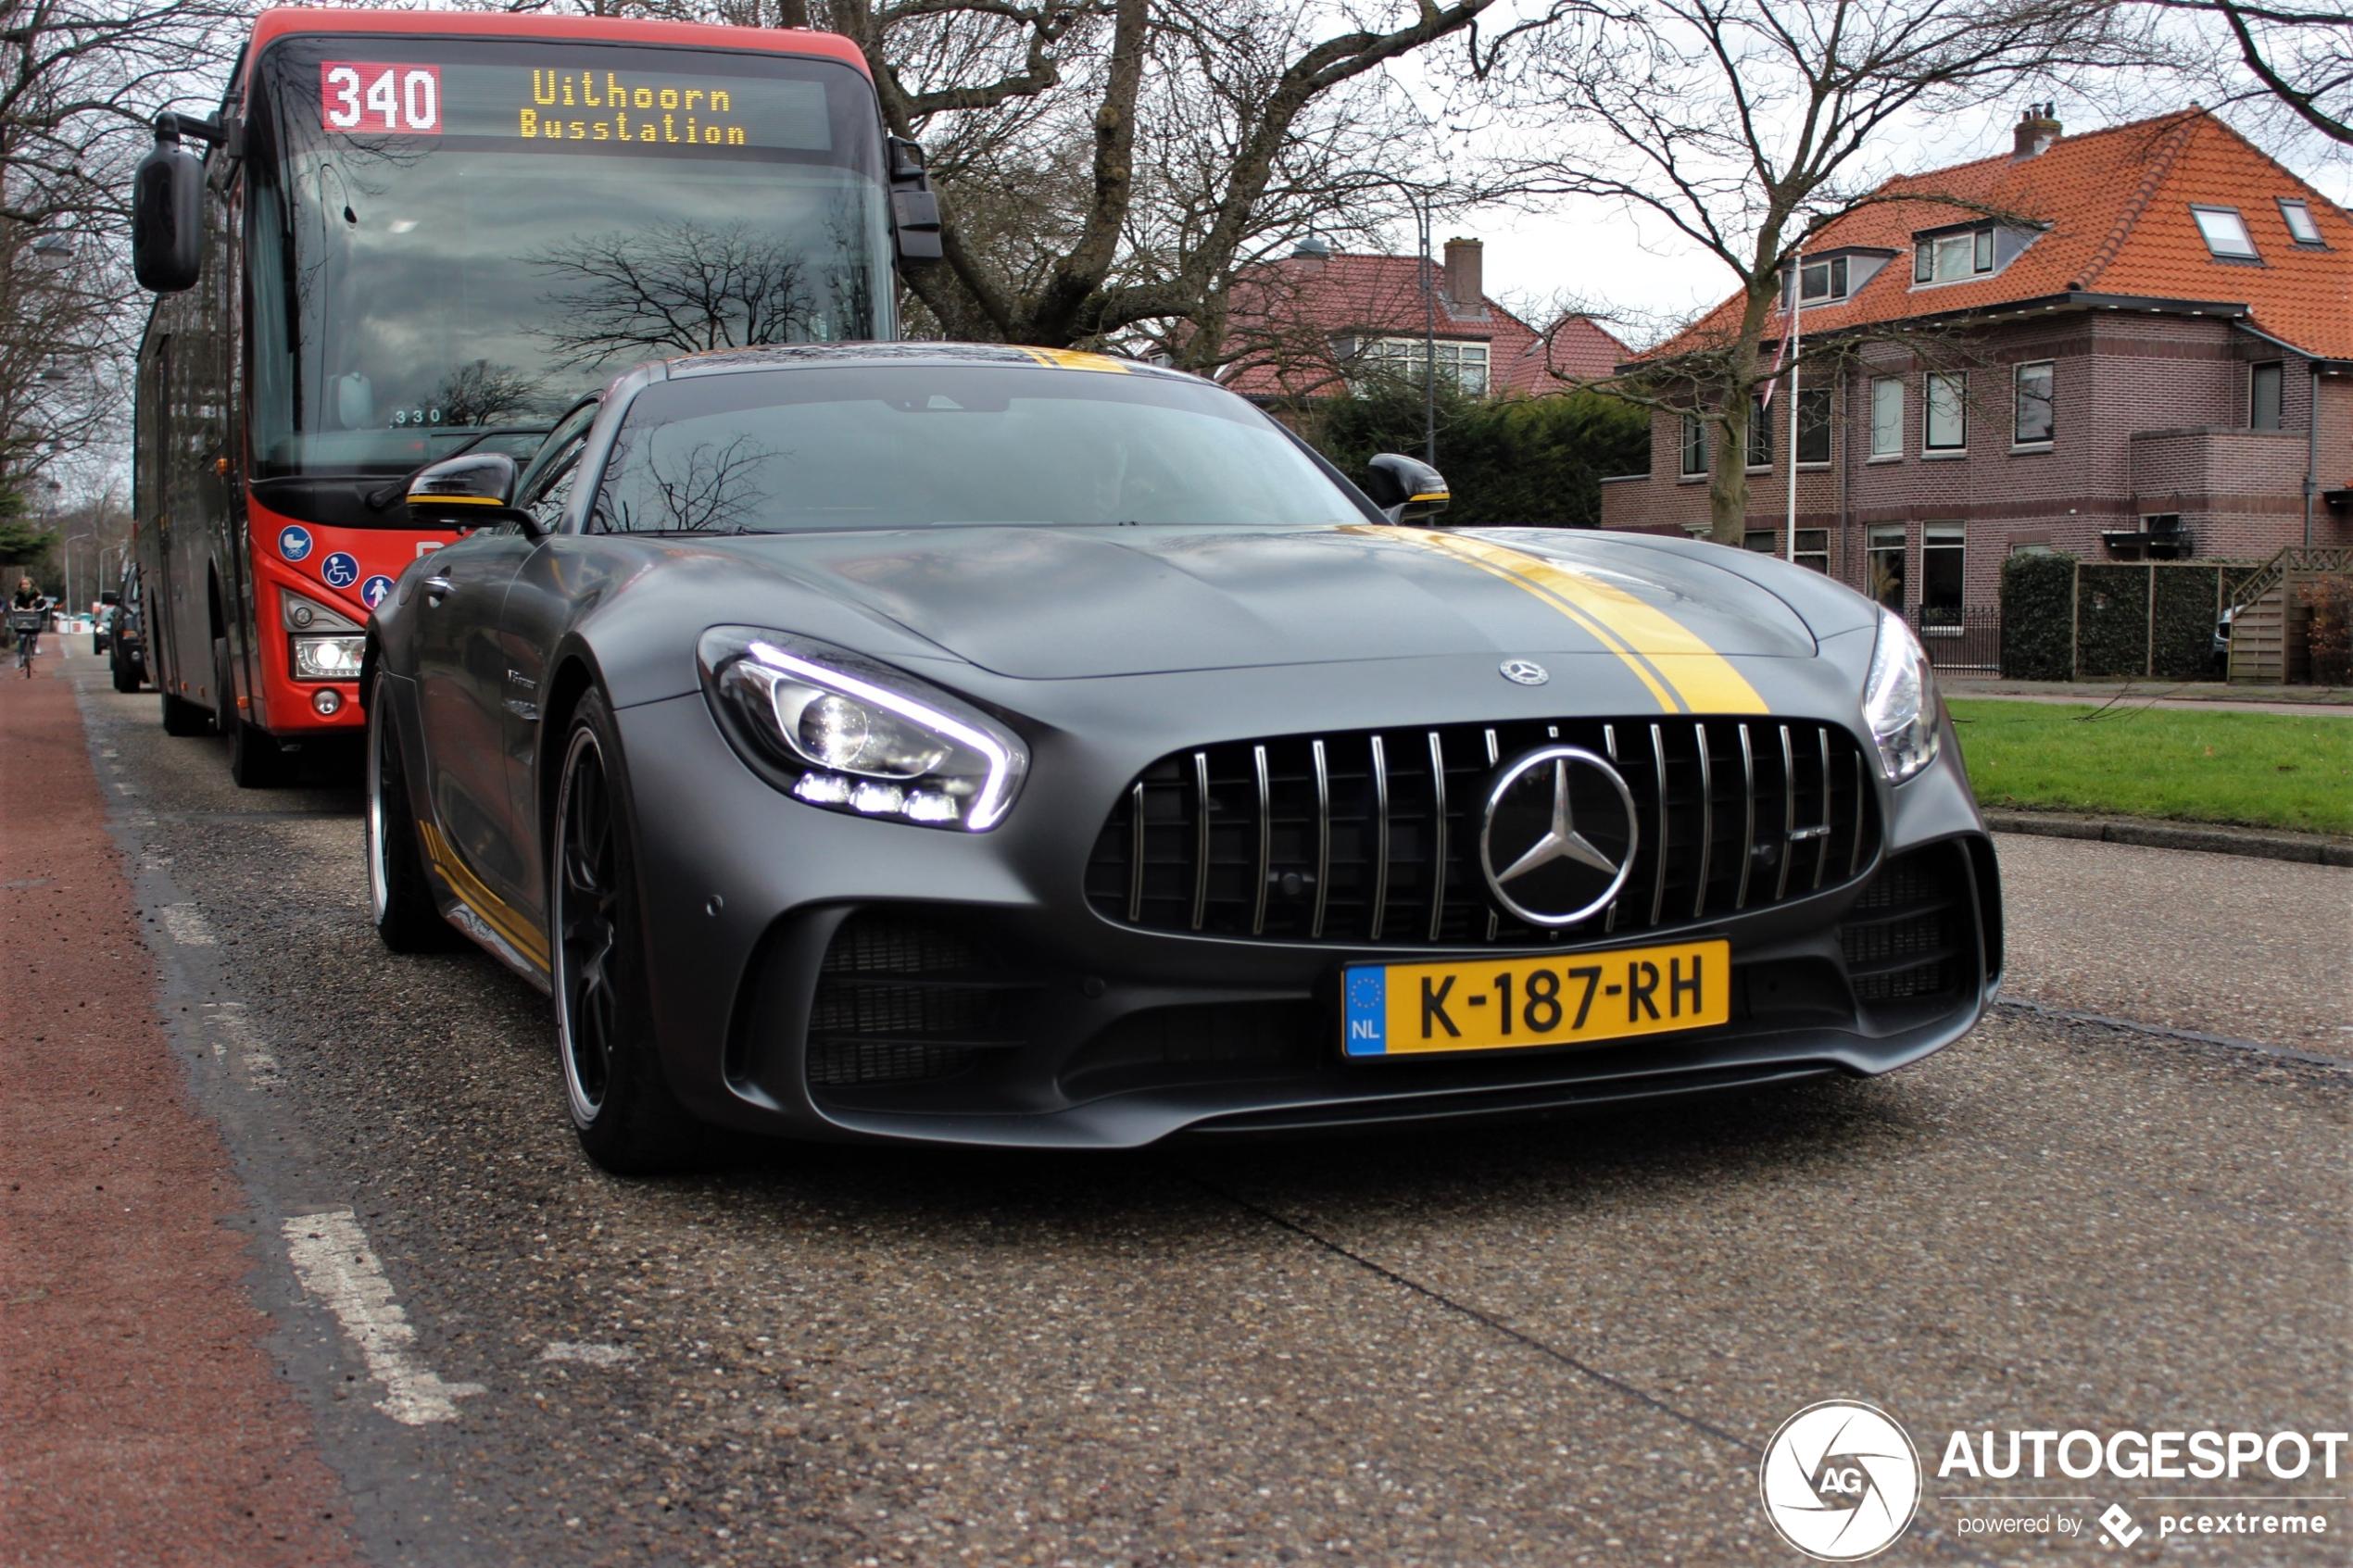 Nederland is een bijzondere Mercedes-AMG GT R rijker